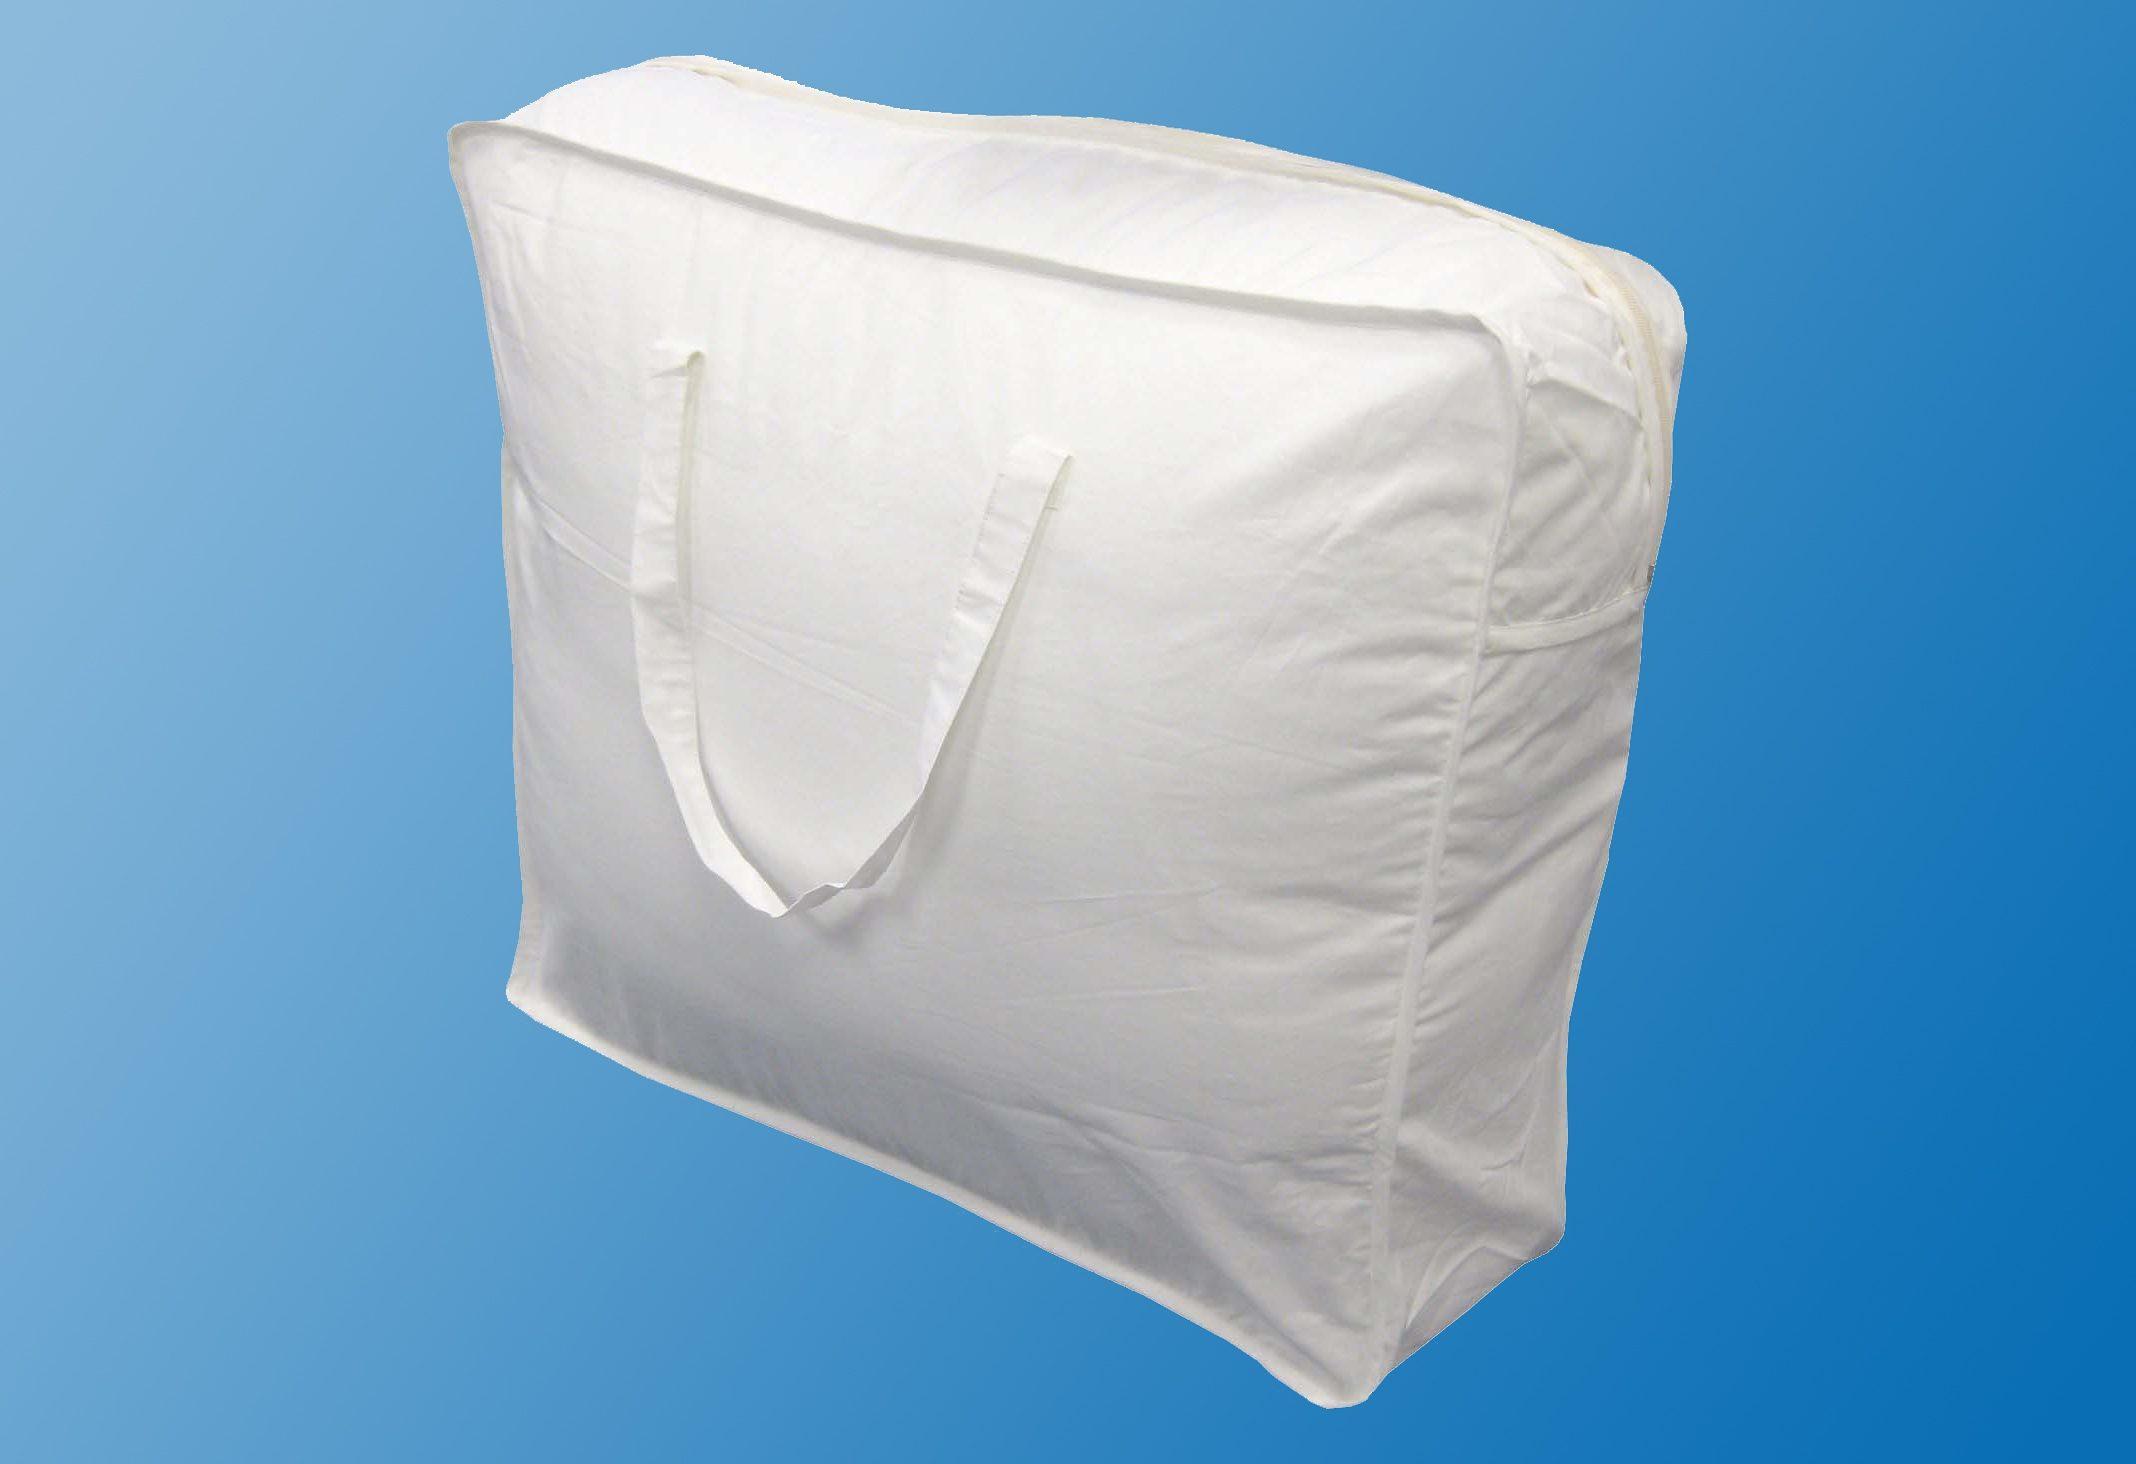 Dreams Aufbewahrungstasche, aus luftdurchlässigem Material weiß Winterbettdecke Bettdecken Bettdecken, Kopfkissen Unterbetten Aufbewahrungstasche